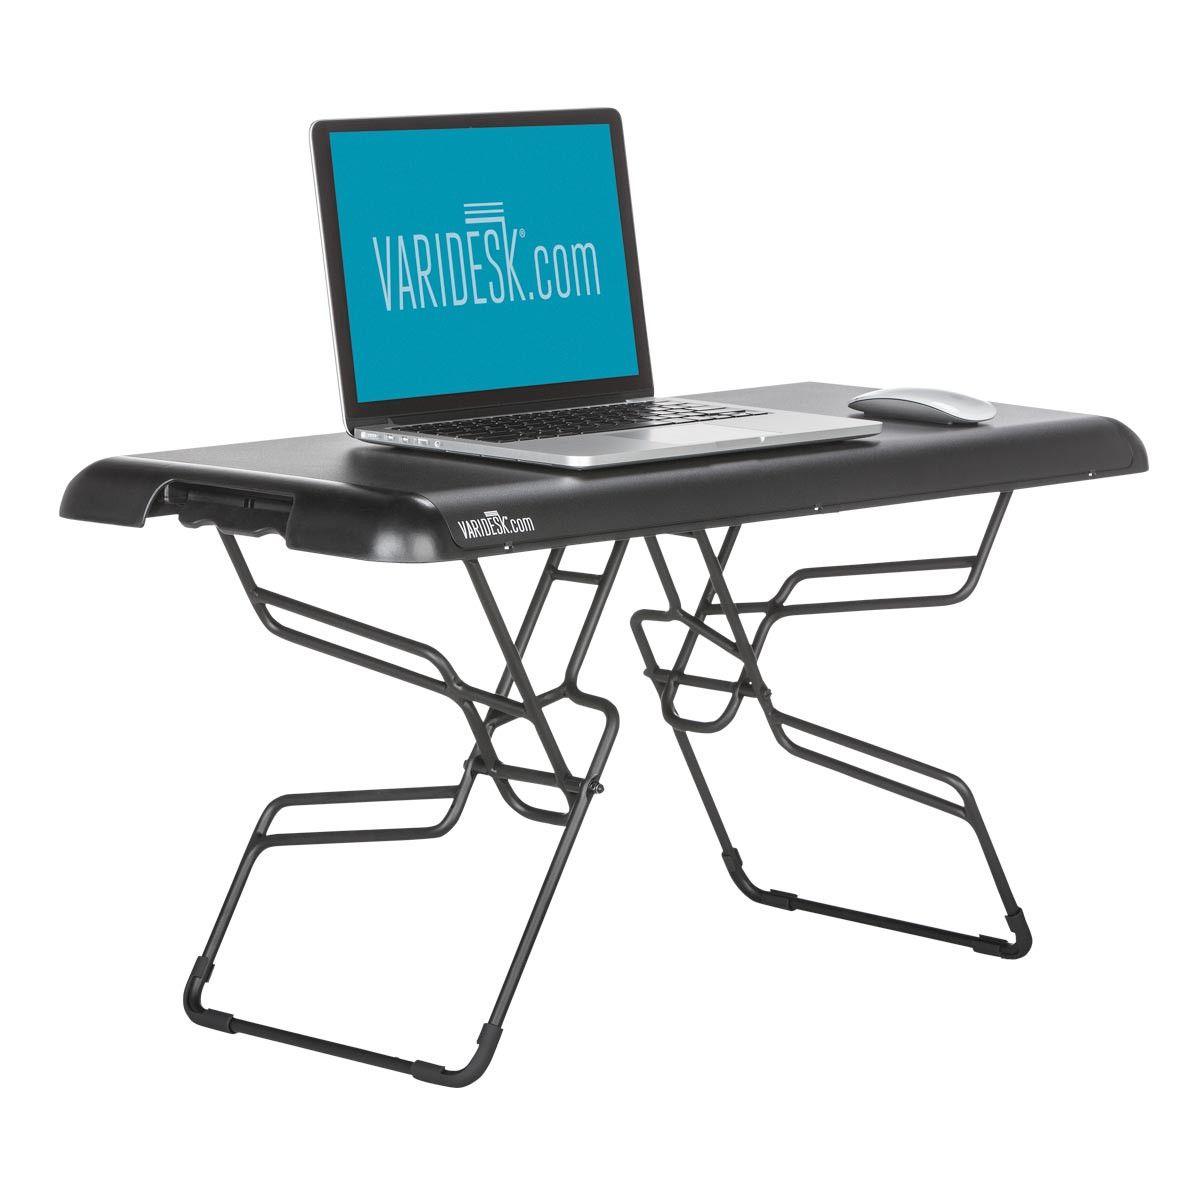 Varidesk review standing desks epic reviews - Standing Desk 9 Different Height Settings Affordable Varidesk